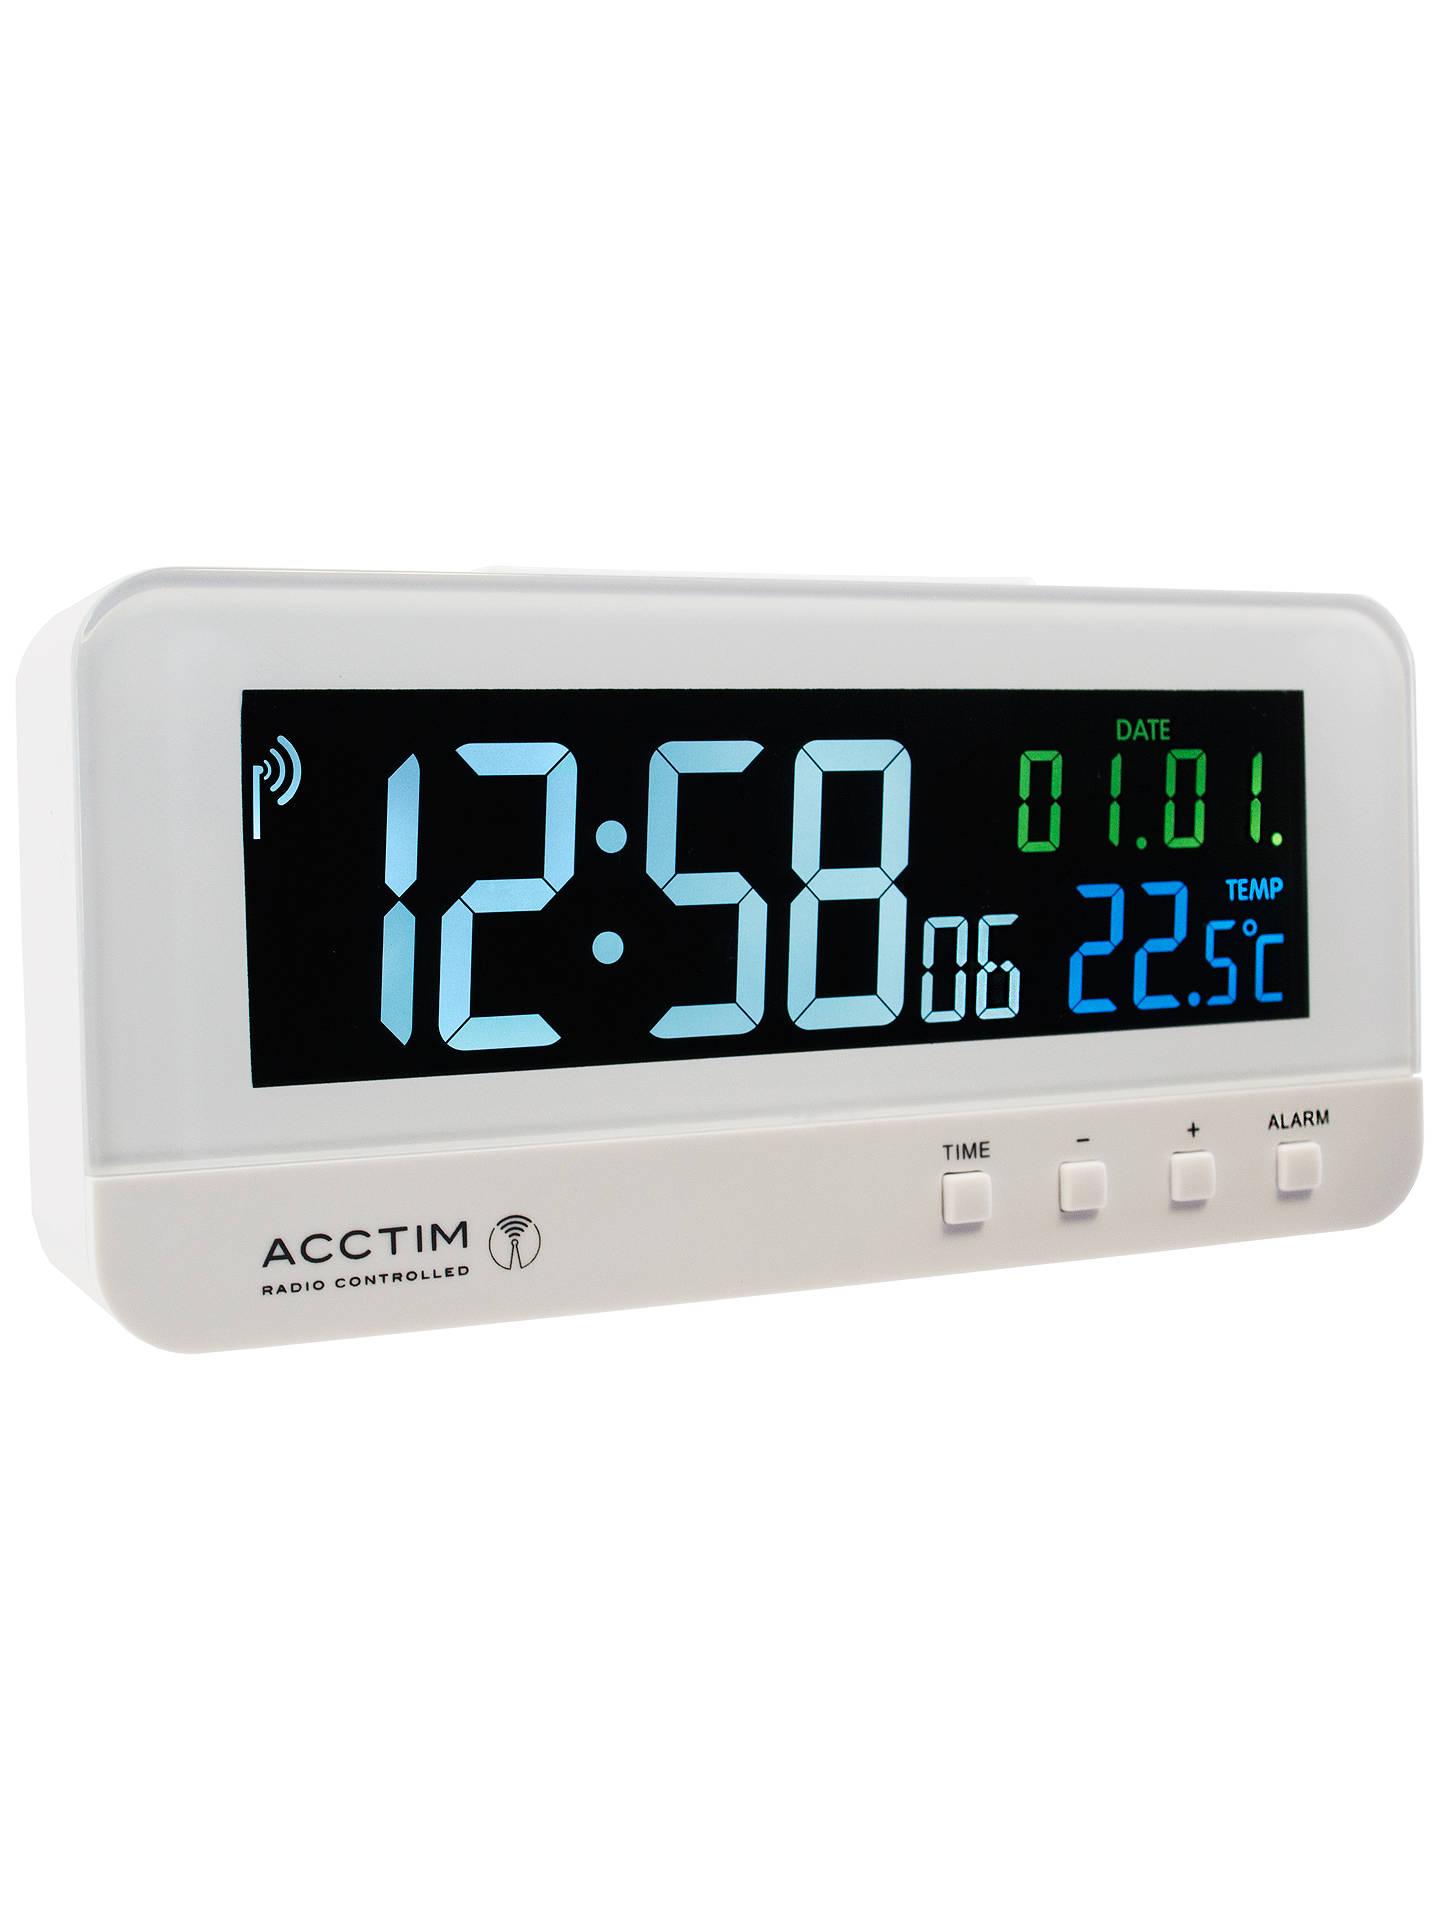 Lcd Alarm Clocks Unique Alarm Clock